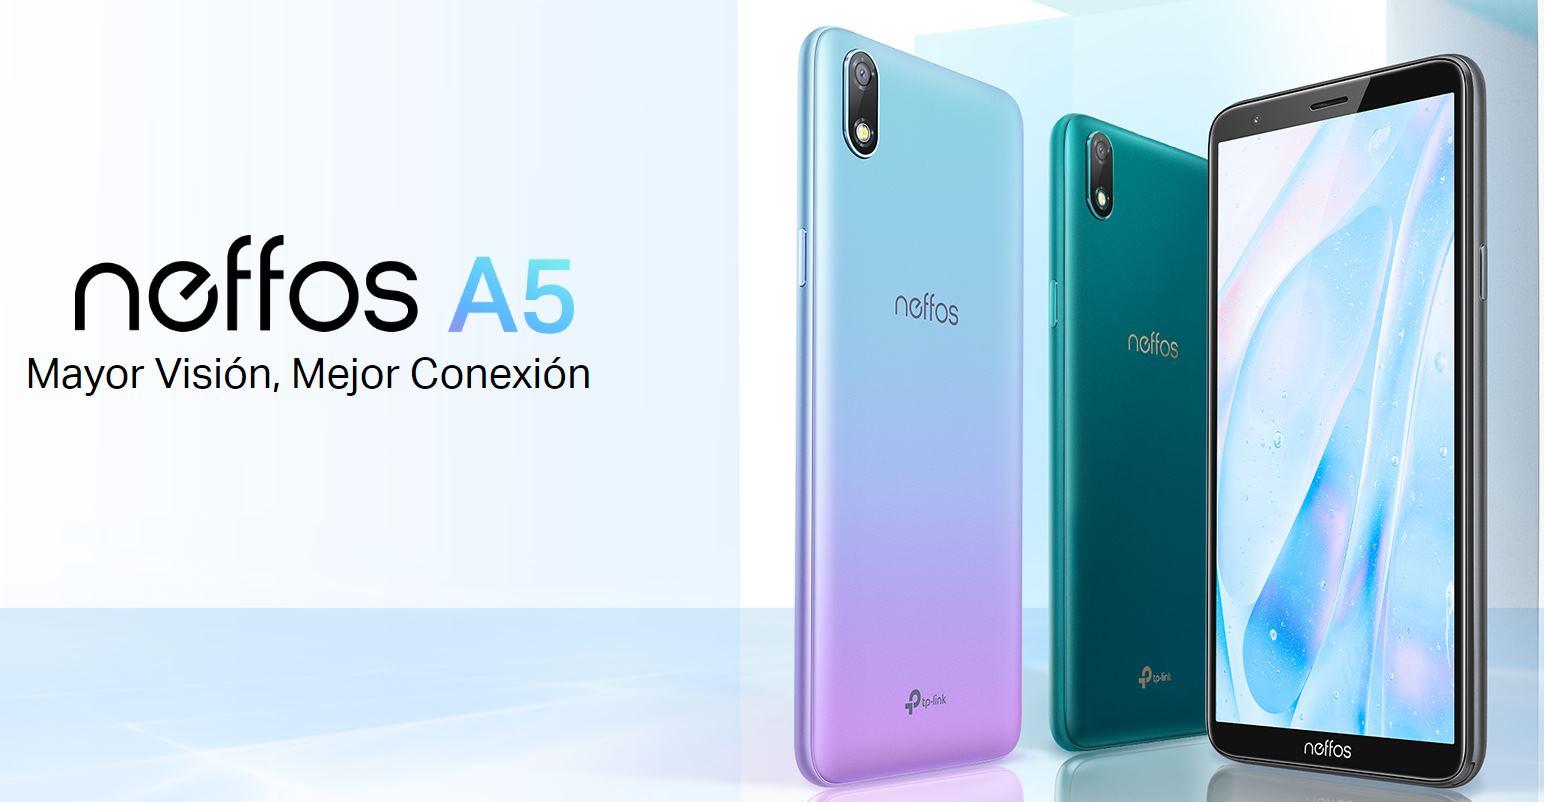 Neffos a5